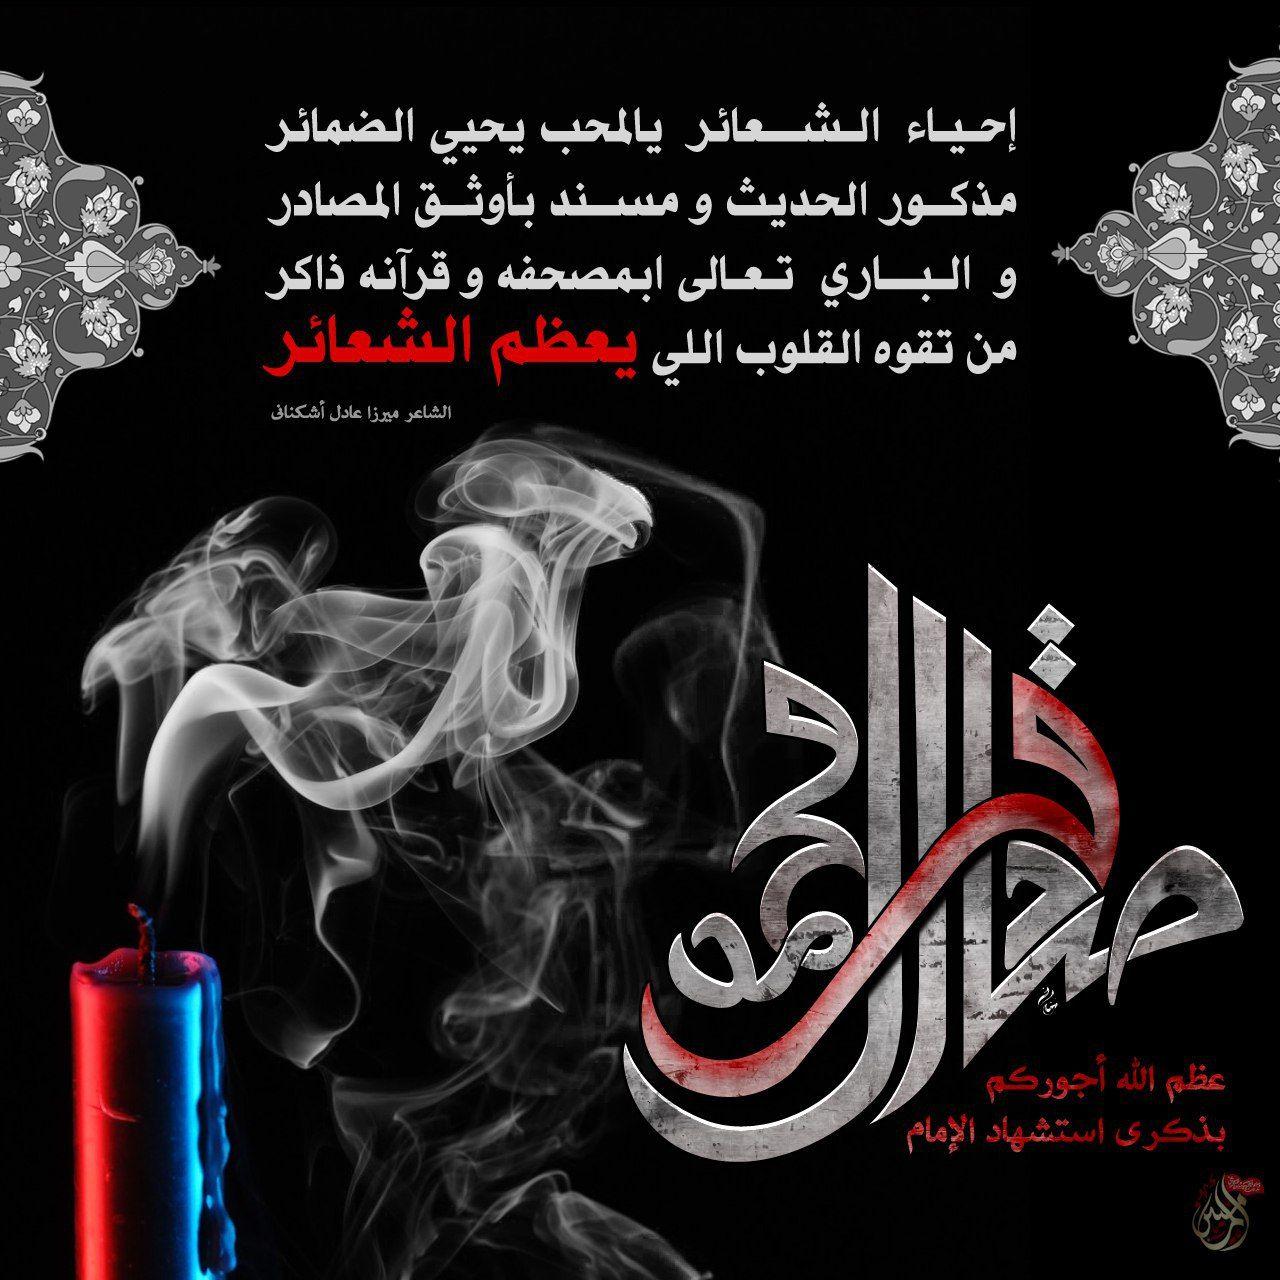 وفاة الإمام الصادق عليه السلام Movie Posters Poster Ssl